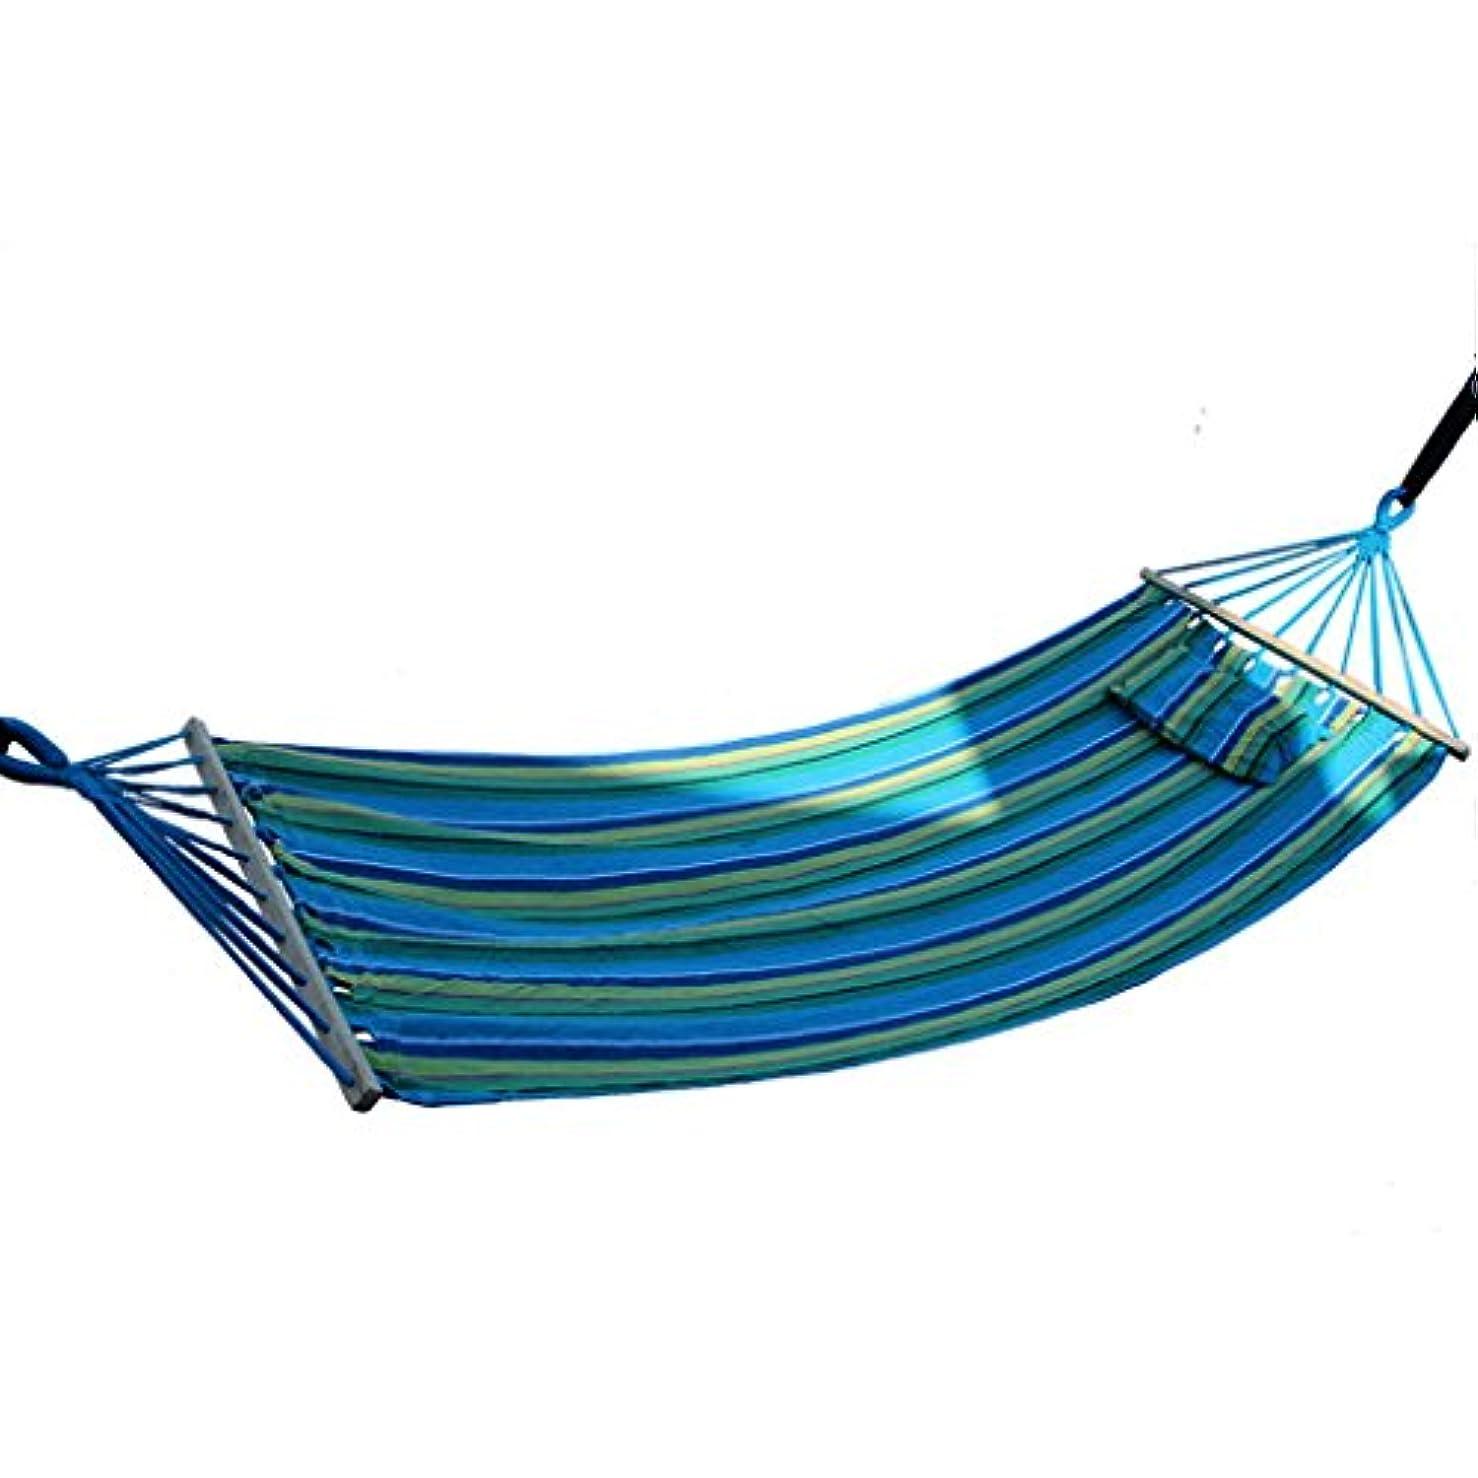 ラバ真面目な要塞屋外ハンモック1人ロールオーバー200×80cmを防ぐためのポータブルキャンプ観光2色オプション (色 : 1#)